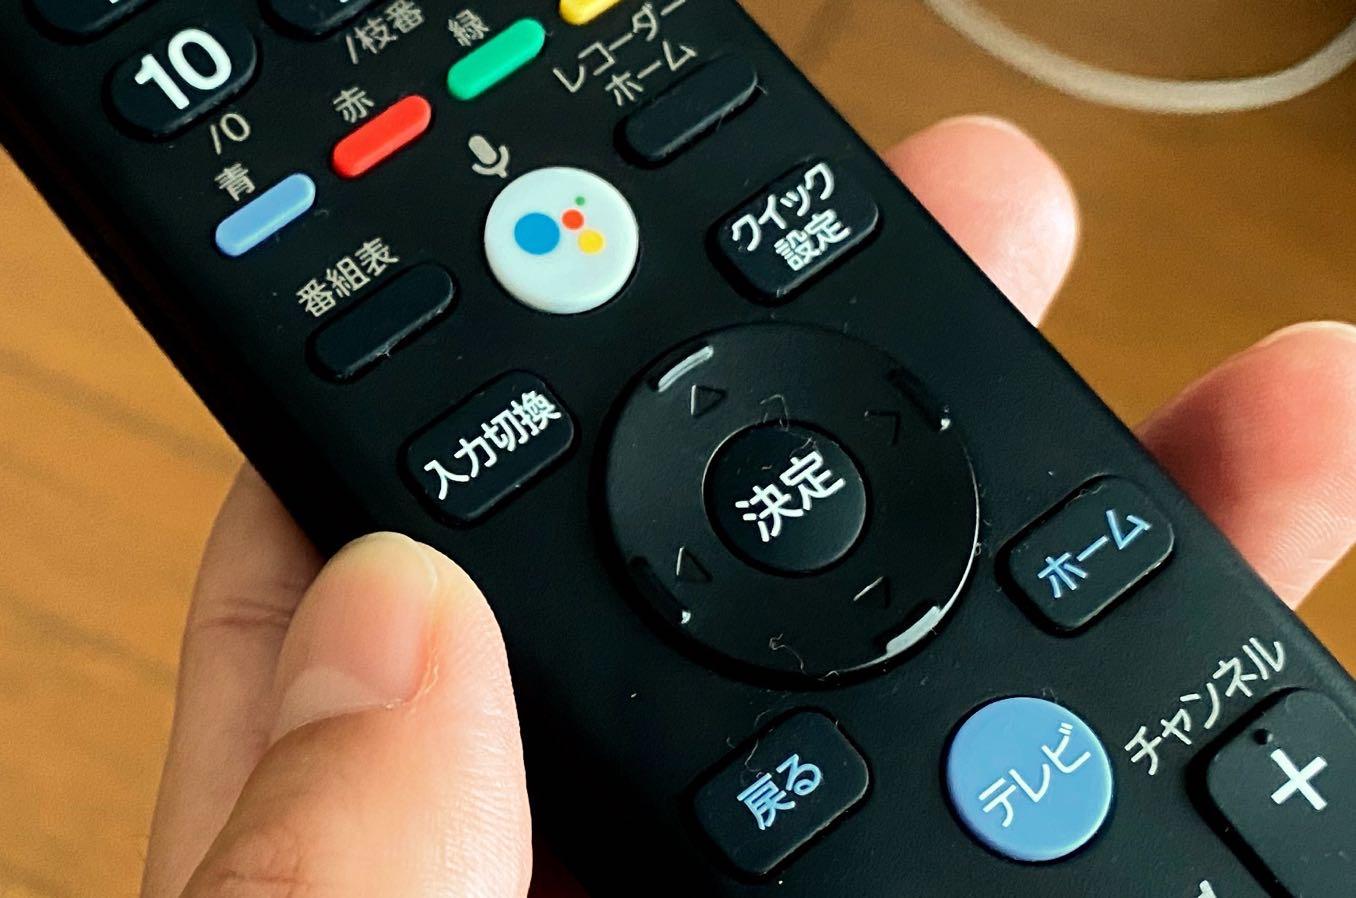 テレビのリモコンで「入力切替」をする